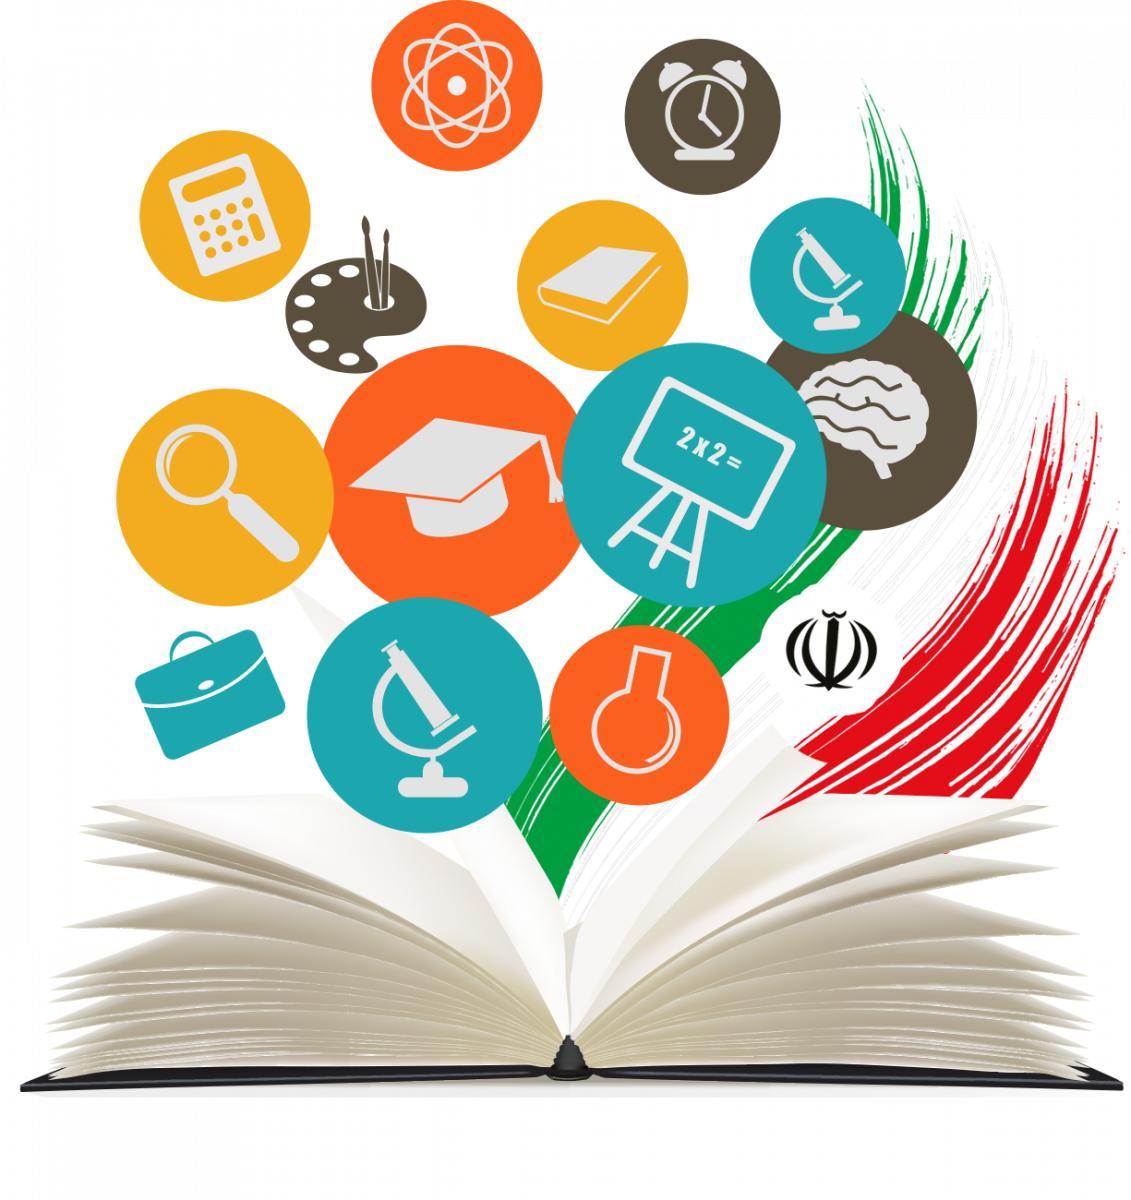 نمایشگاه منابع مرتبط با «پژوهش، موسسات پژوهشی و جوایز پژوهشی»